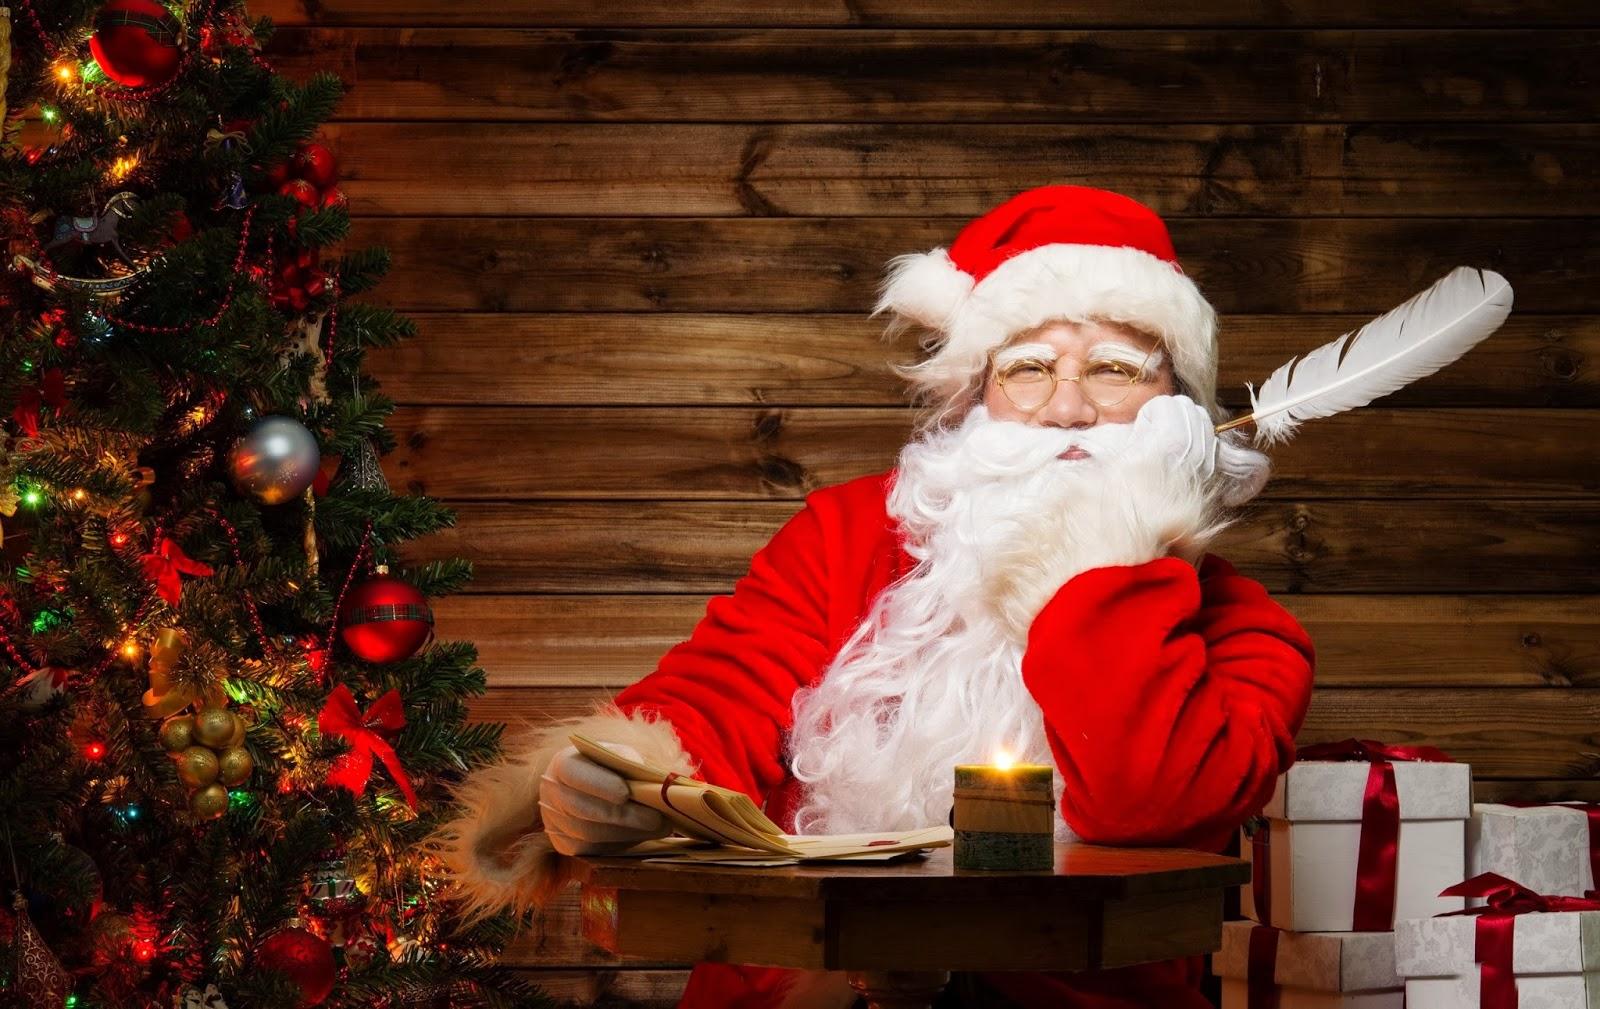 """Aqui Hay Imagenes Bonitas De Navidad Para Fondo De: Search Results For """"Imagenes Bonitas De Navidad"""